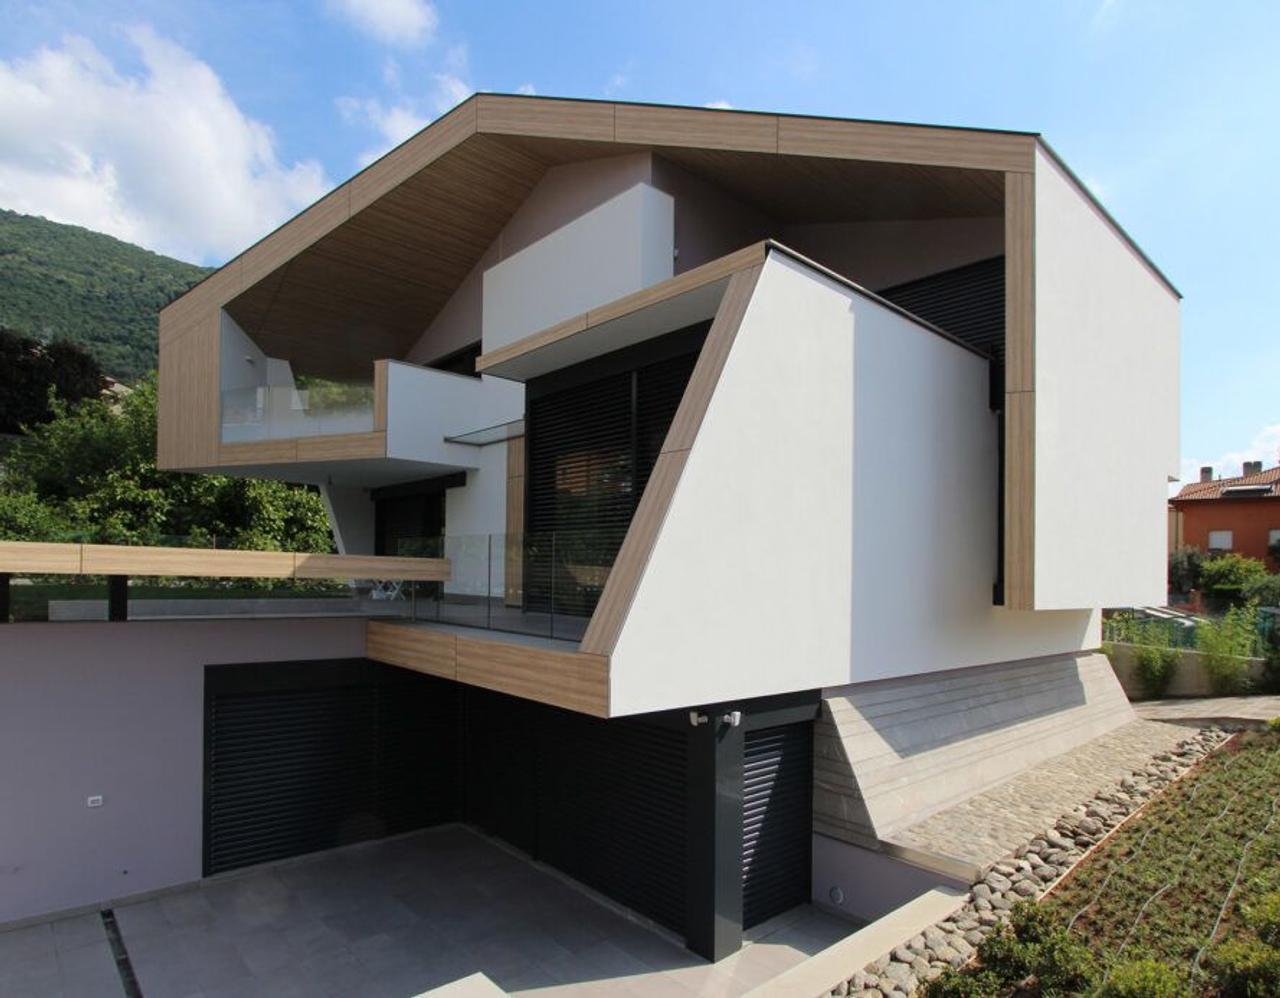 Дома Exogram экономят энергию и сокращают выбросы углекислого газа